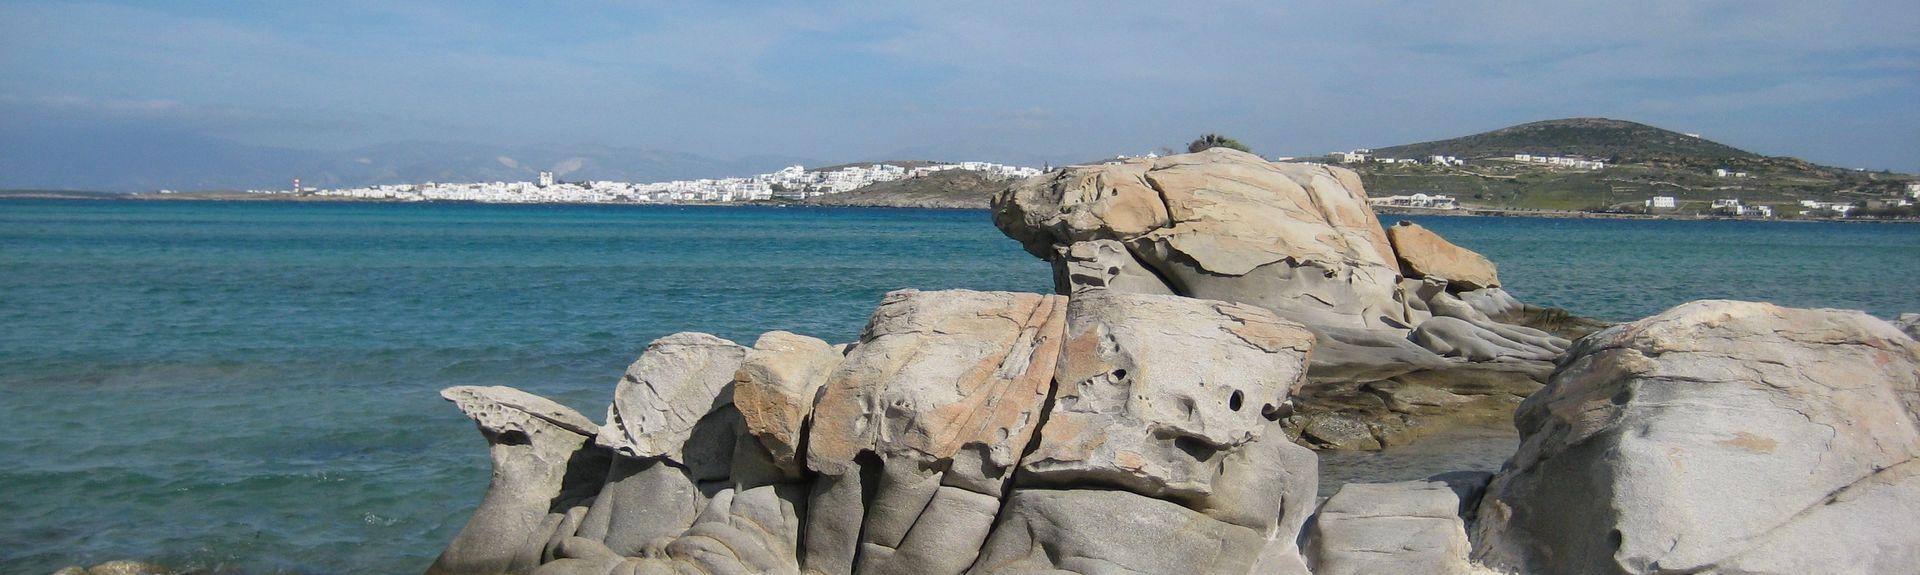 Aliki, Isole egee, Grecia